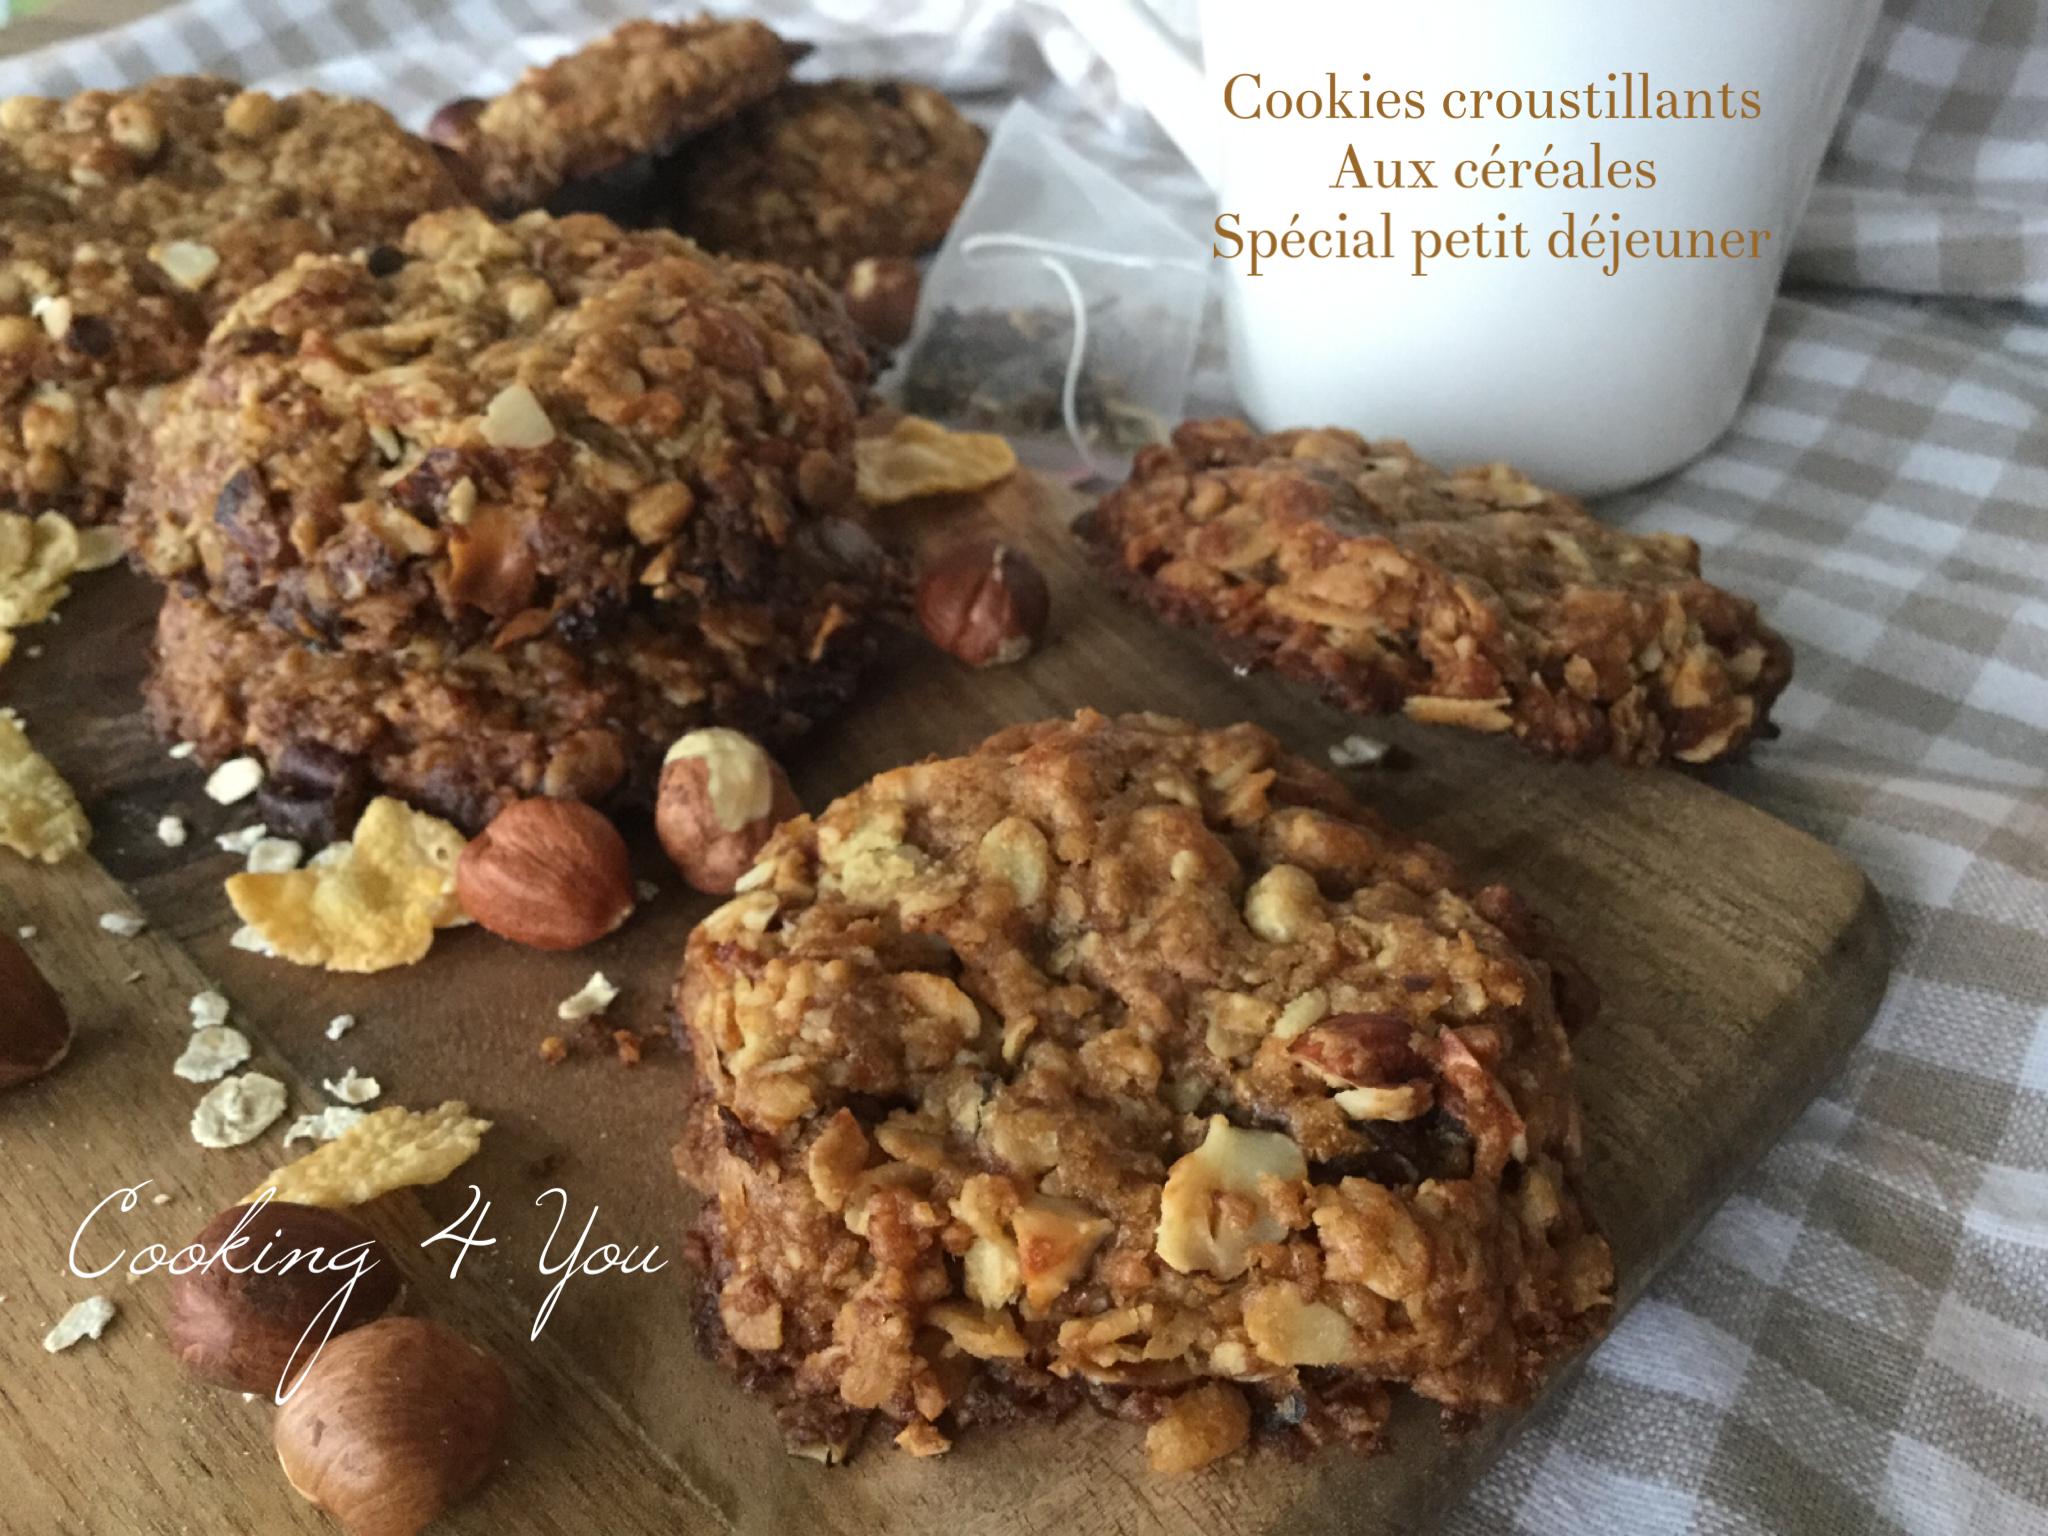 cookies croustillants aux céréales spécial petit déjeuner